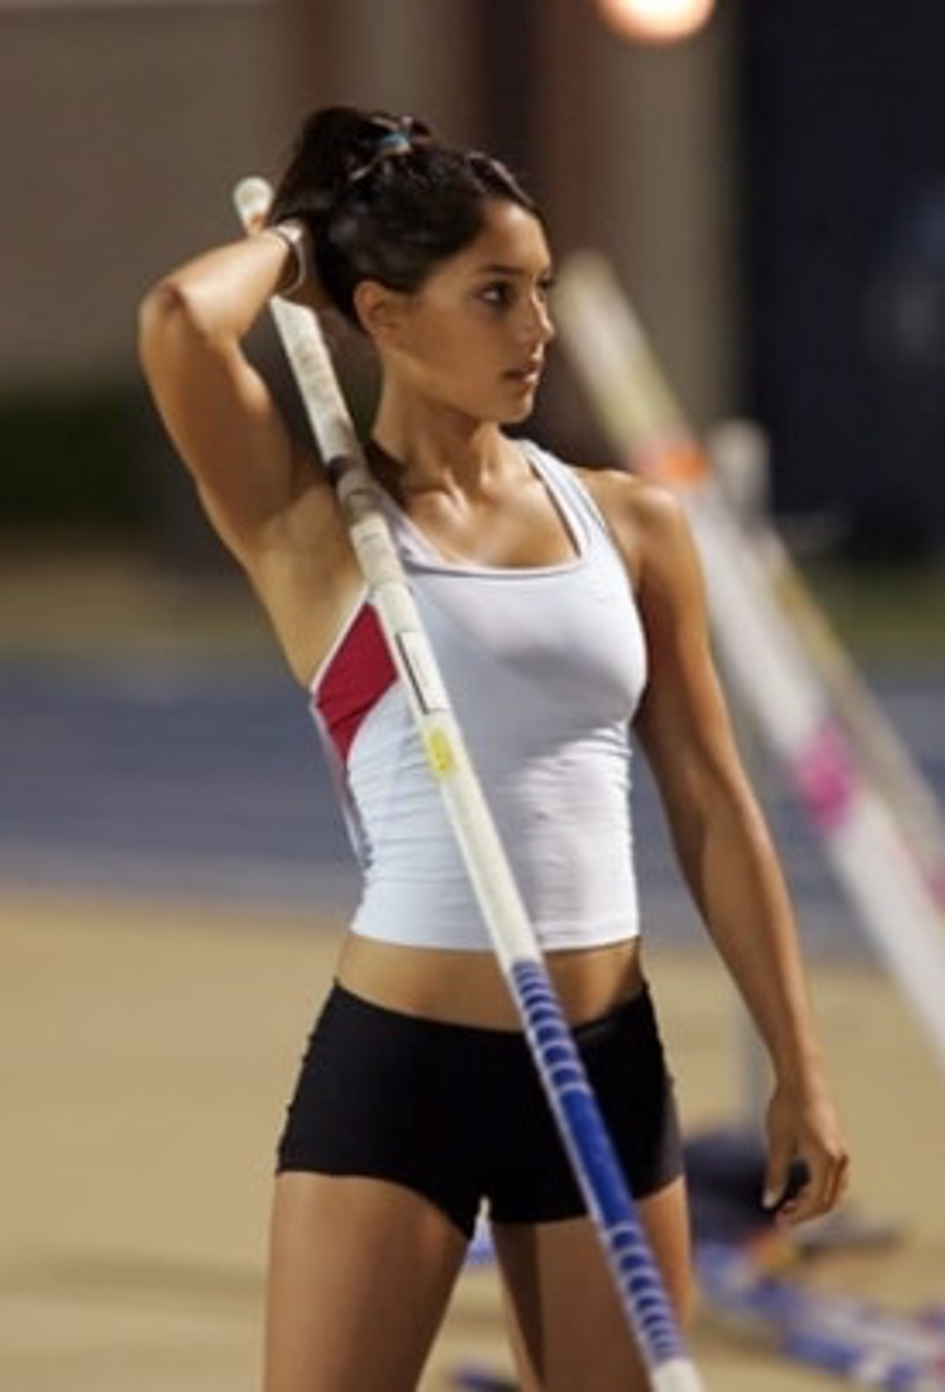 Cette Photo De La Jeune Athlète Devient Virale